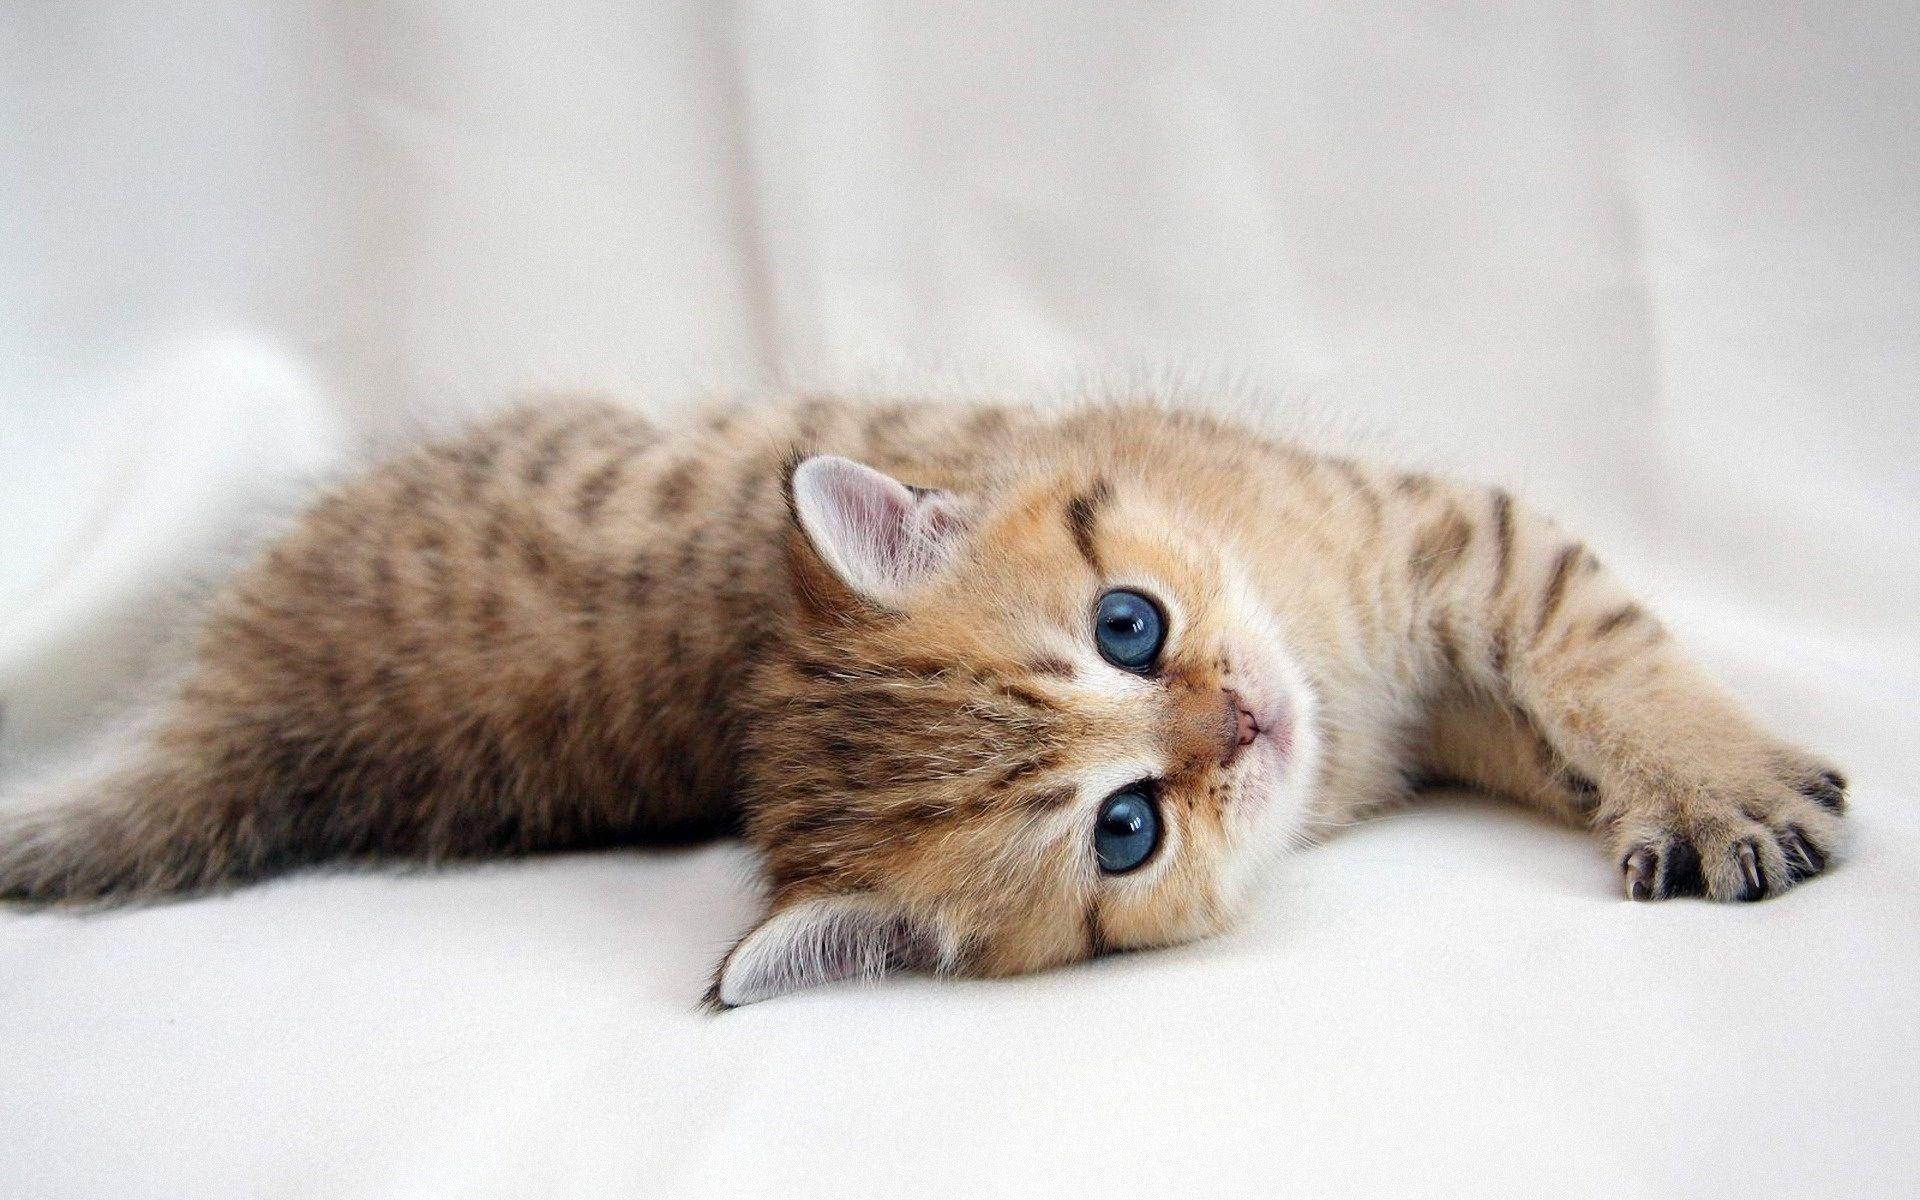 Cute Kitten Fluffy Kittens Kitten Wallpaper Cute Cats